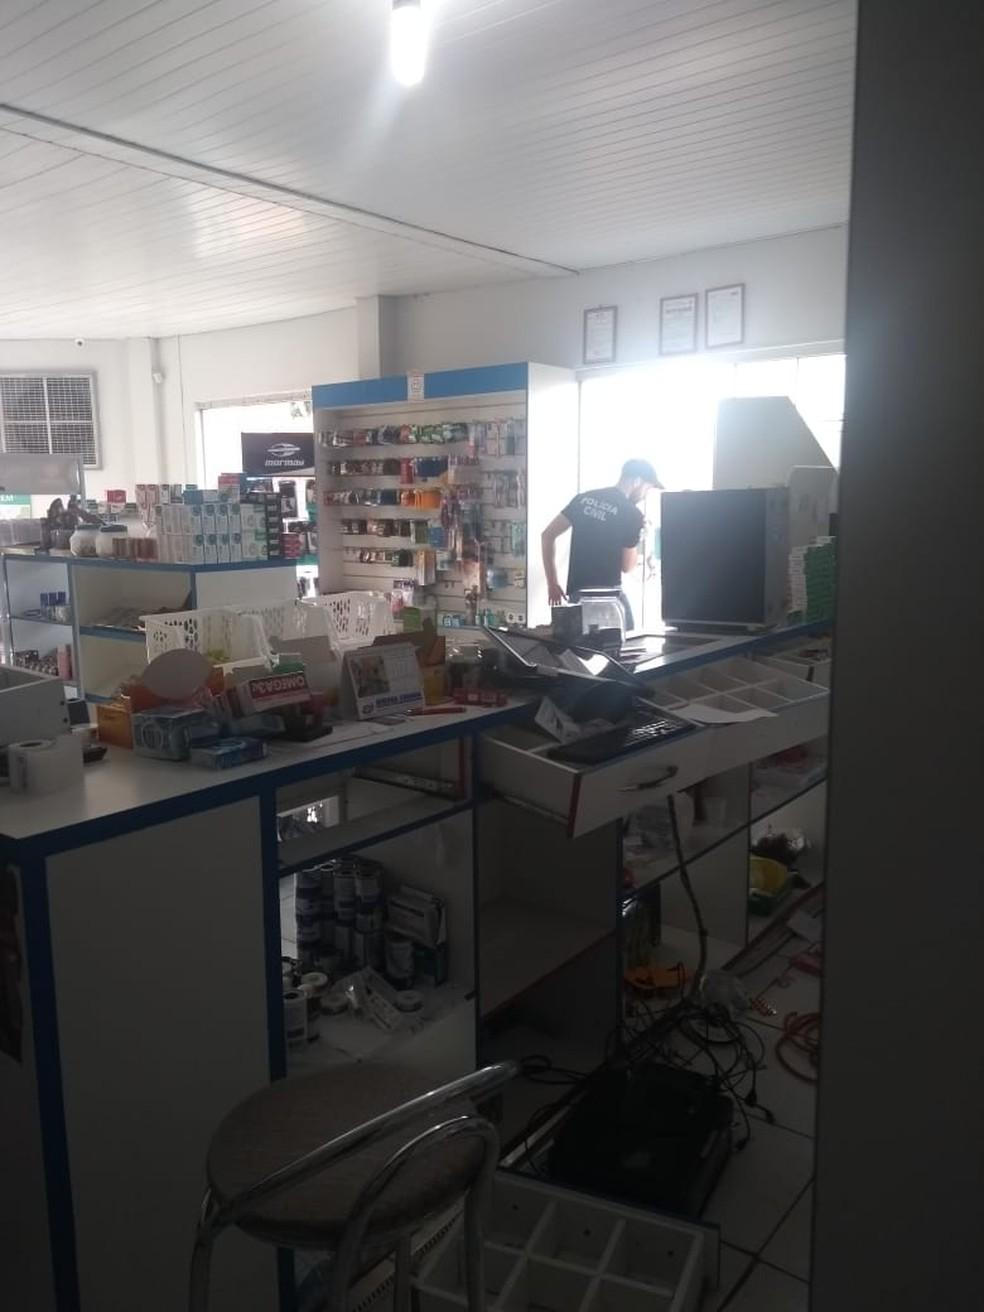 Estabelecimento foi revirado por ladrão — Foto: Divulgação/Raimundo da Silva